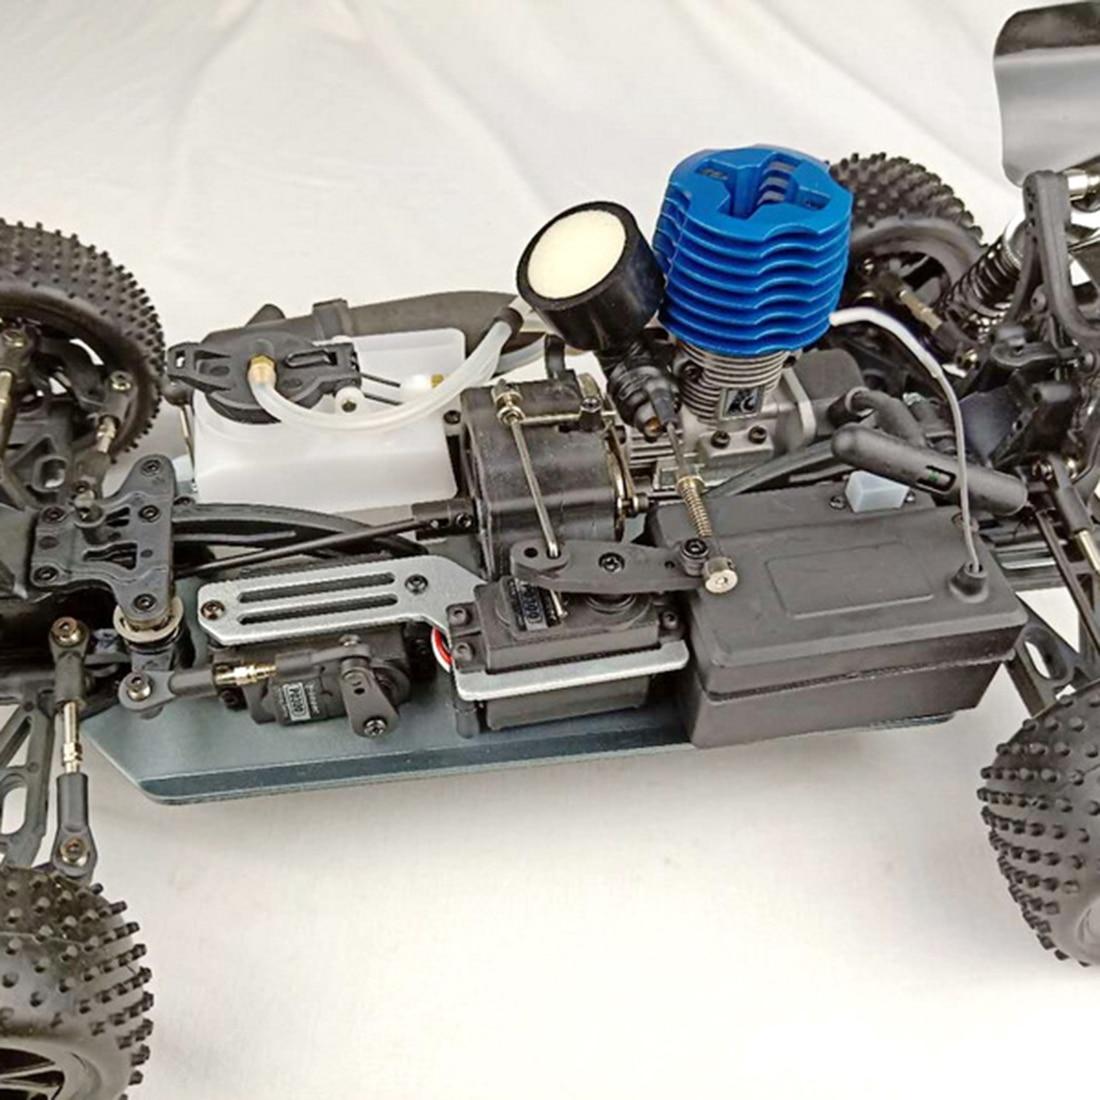 FC 18 Тяговый стартер двигателя 2.95cc двигатель для 1/10 метанола топлива RC модель автомобиля (с свечей зажигания) обучающая игрушка подарок для д... - 6